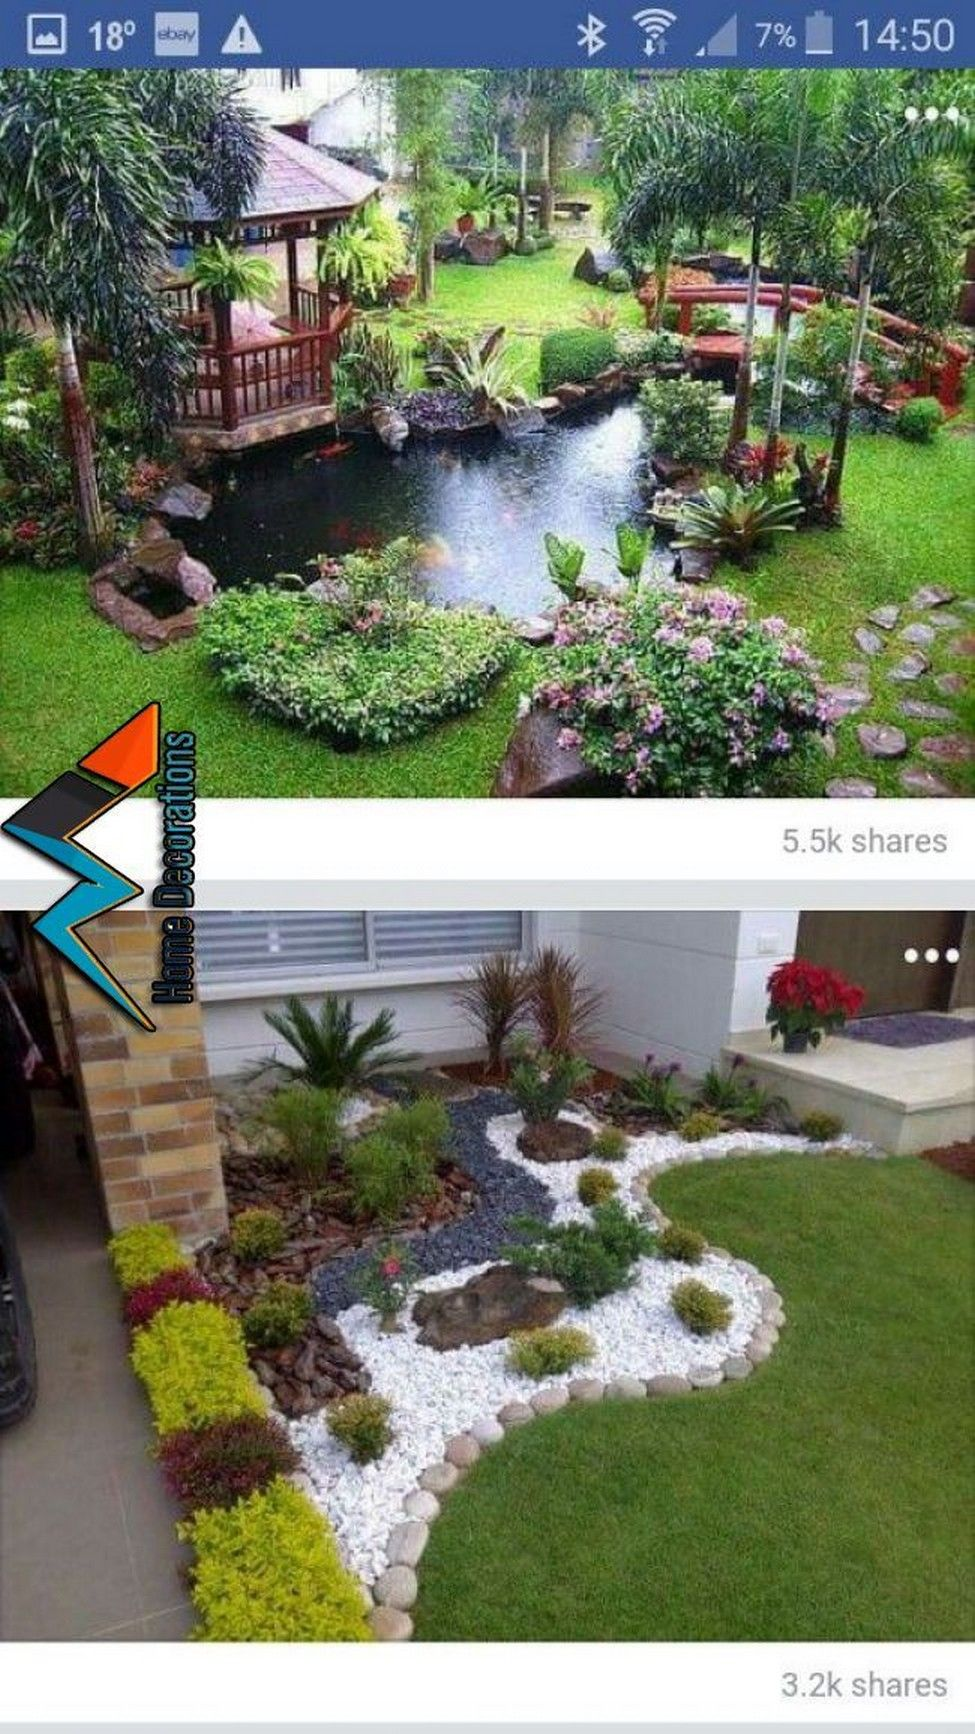 39 Gorgeous Front Yard Rock Garden Landscaping Ideas 10 Fieltro Net Backyard Landscaping Designs Front Yard Landscaping Design Rock Garden Landscaping Backyard garden designs pinterest